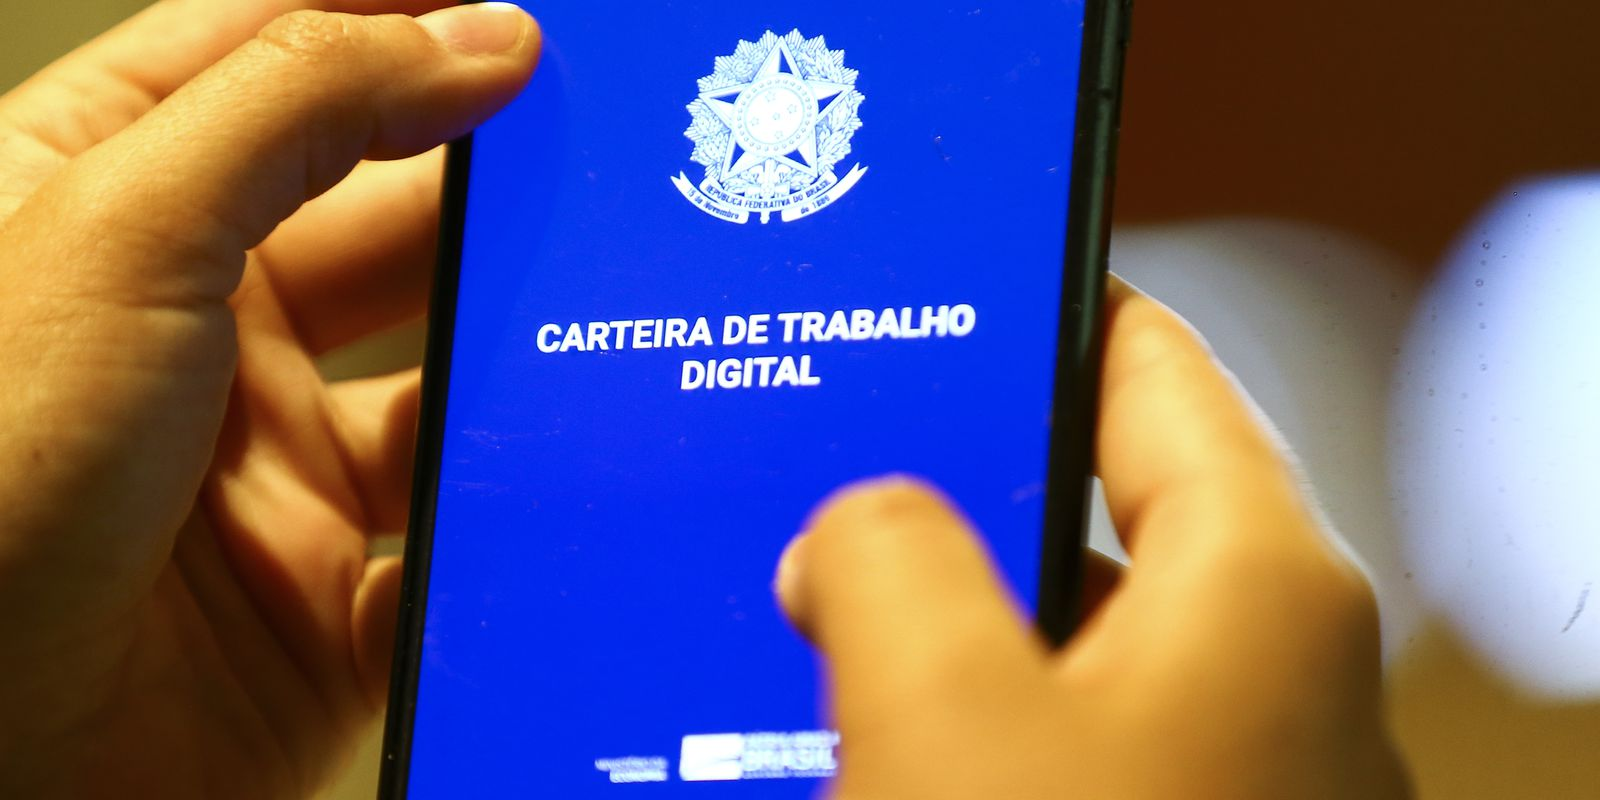 Carteira de trabalho digital.